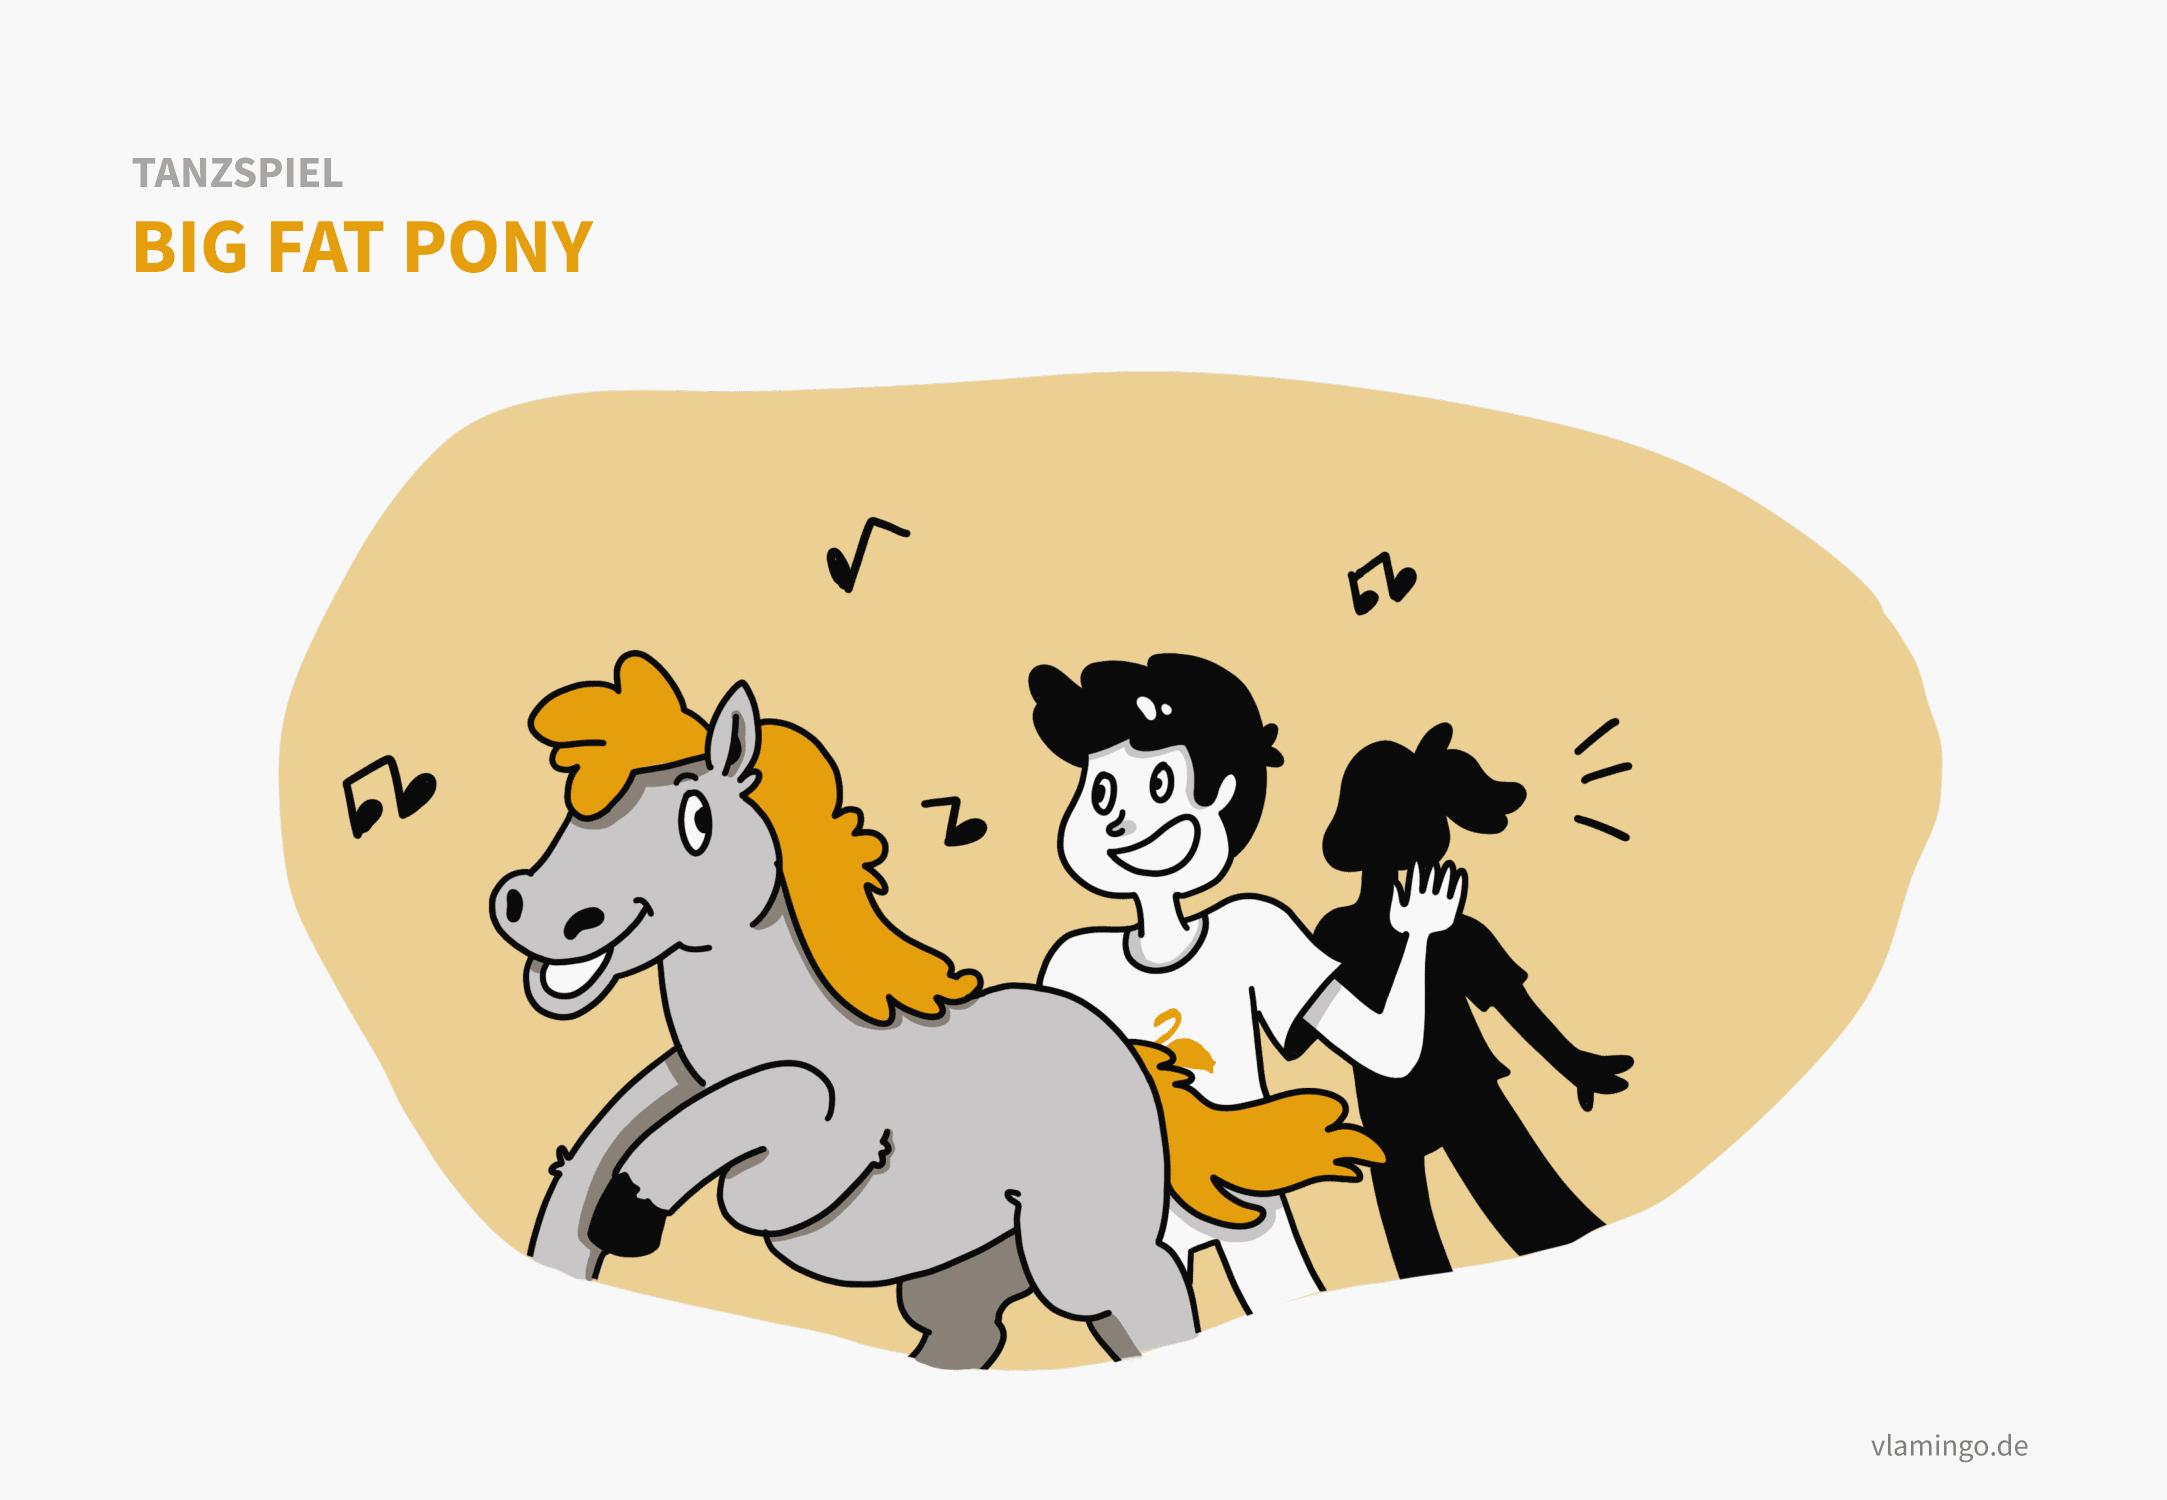 Tanzspiel - Big Fat Pony